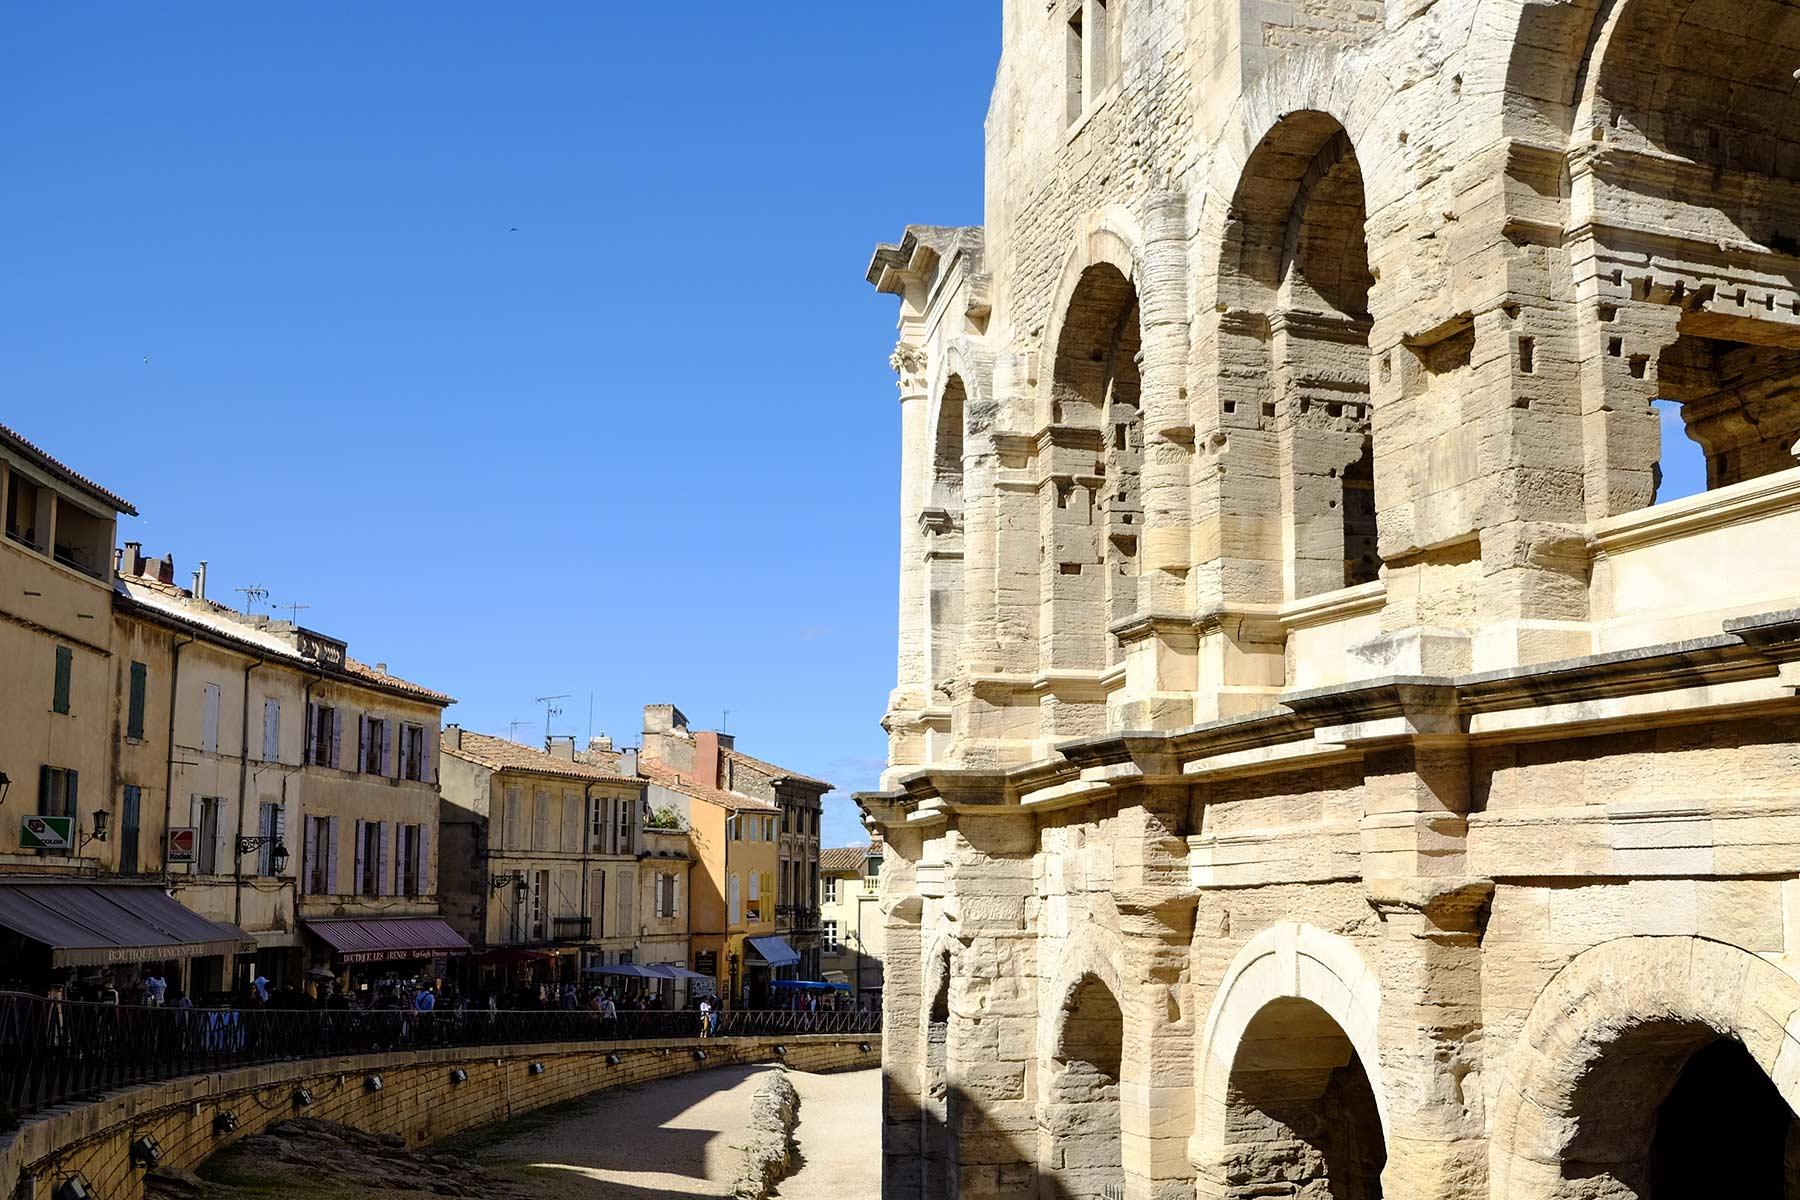 Amphitheater von Arles, Frankreich